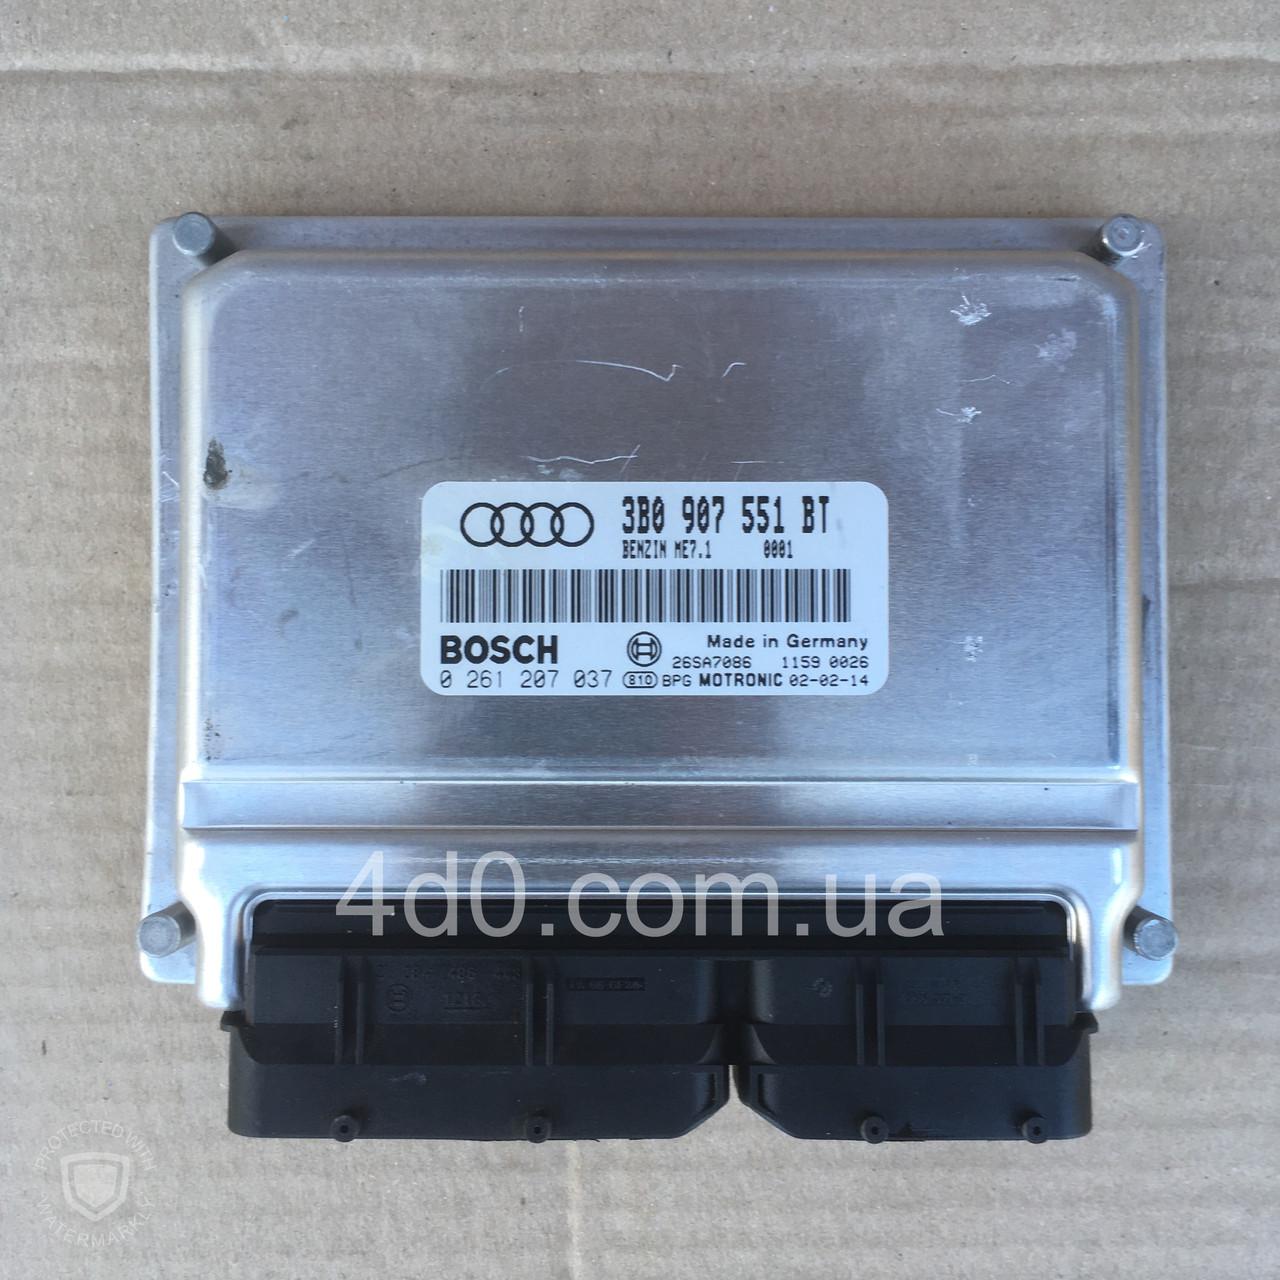 3B0907551BT Блок управління двигуном на Audi A8 D2 2.8